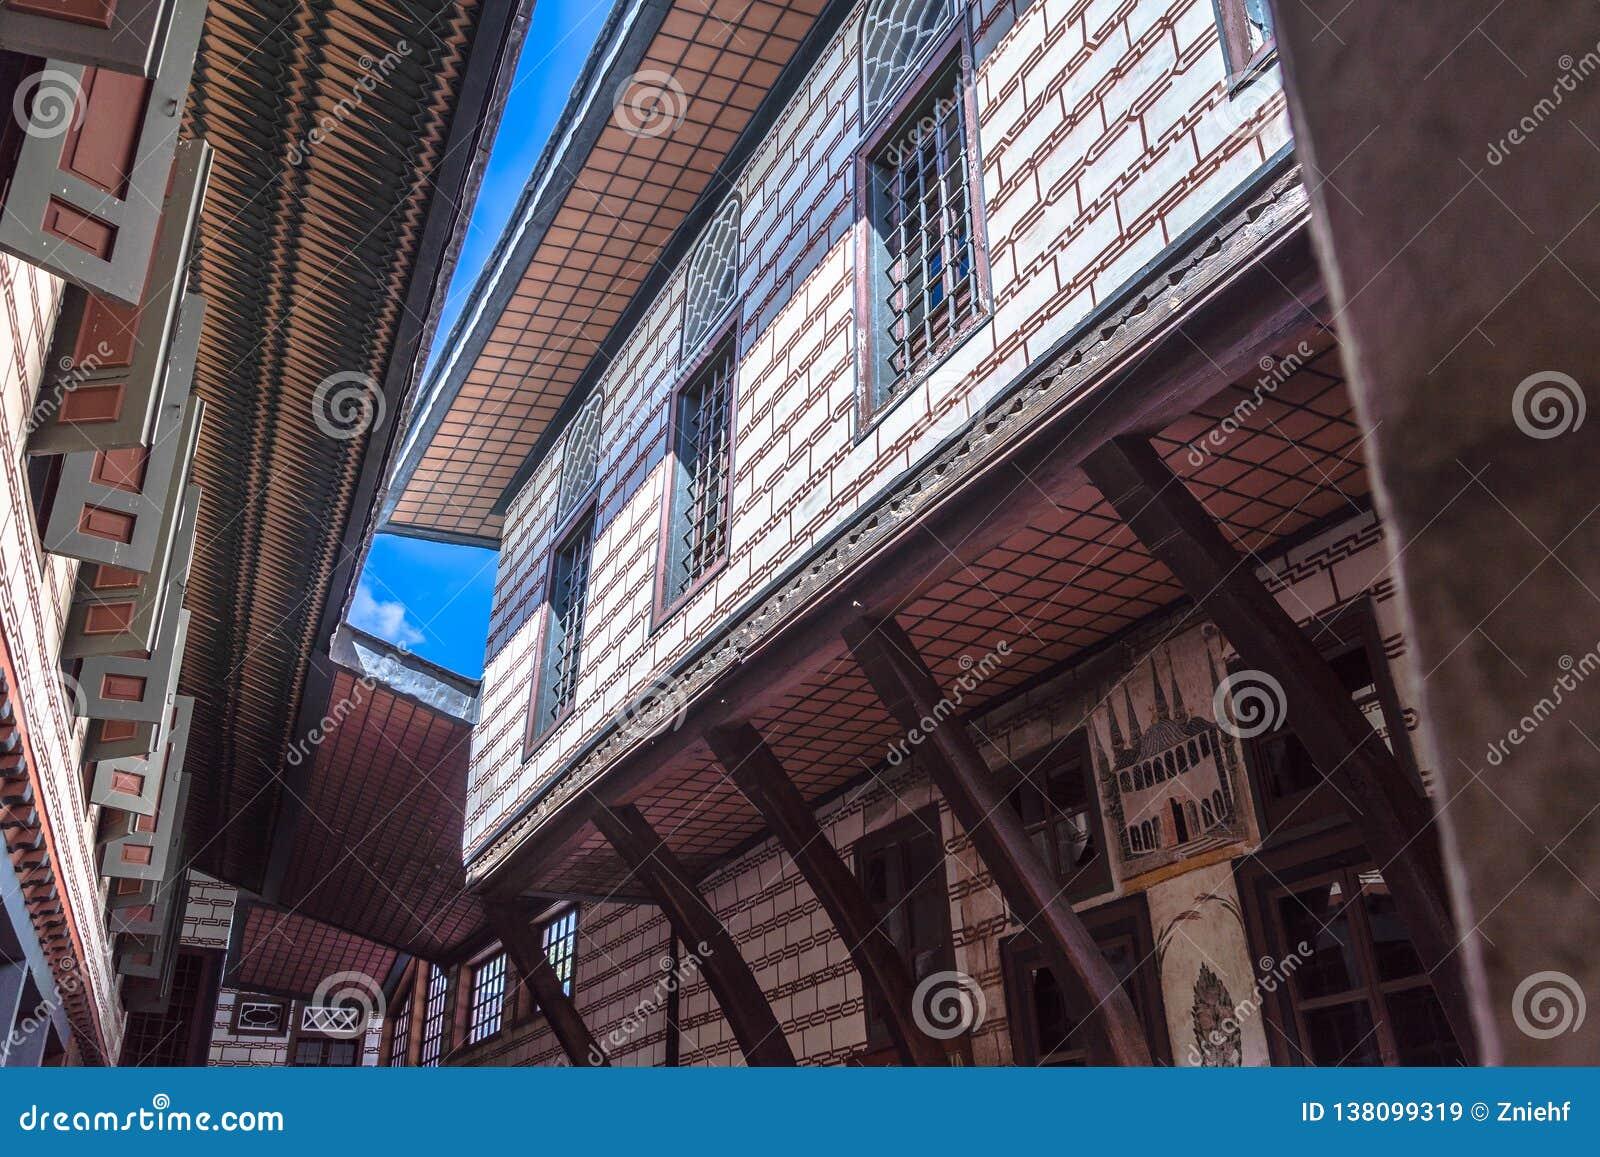 Стамбул, Турция, 22-ое сентября 2018: Взгляд фасада здания во втором дворе дворца Топкапы